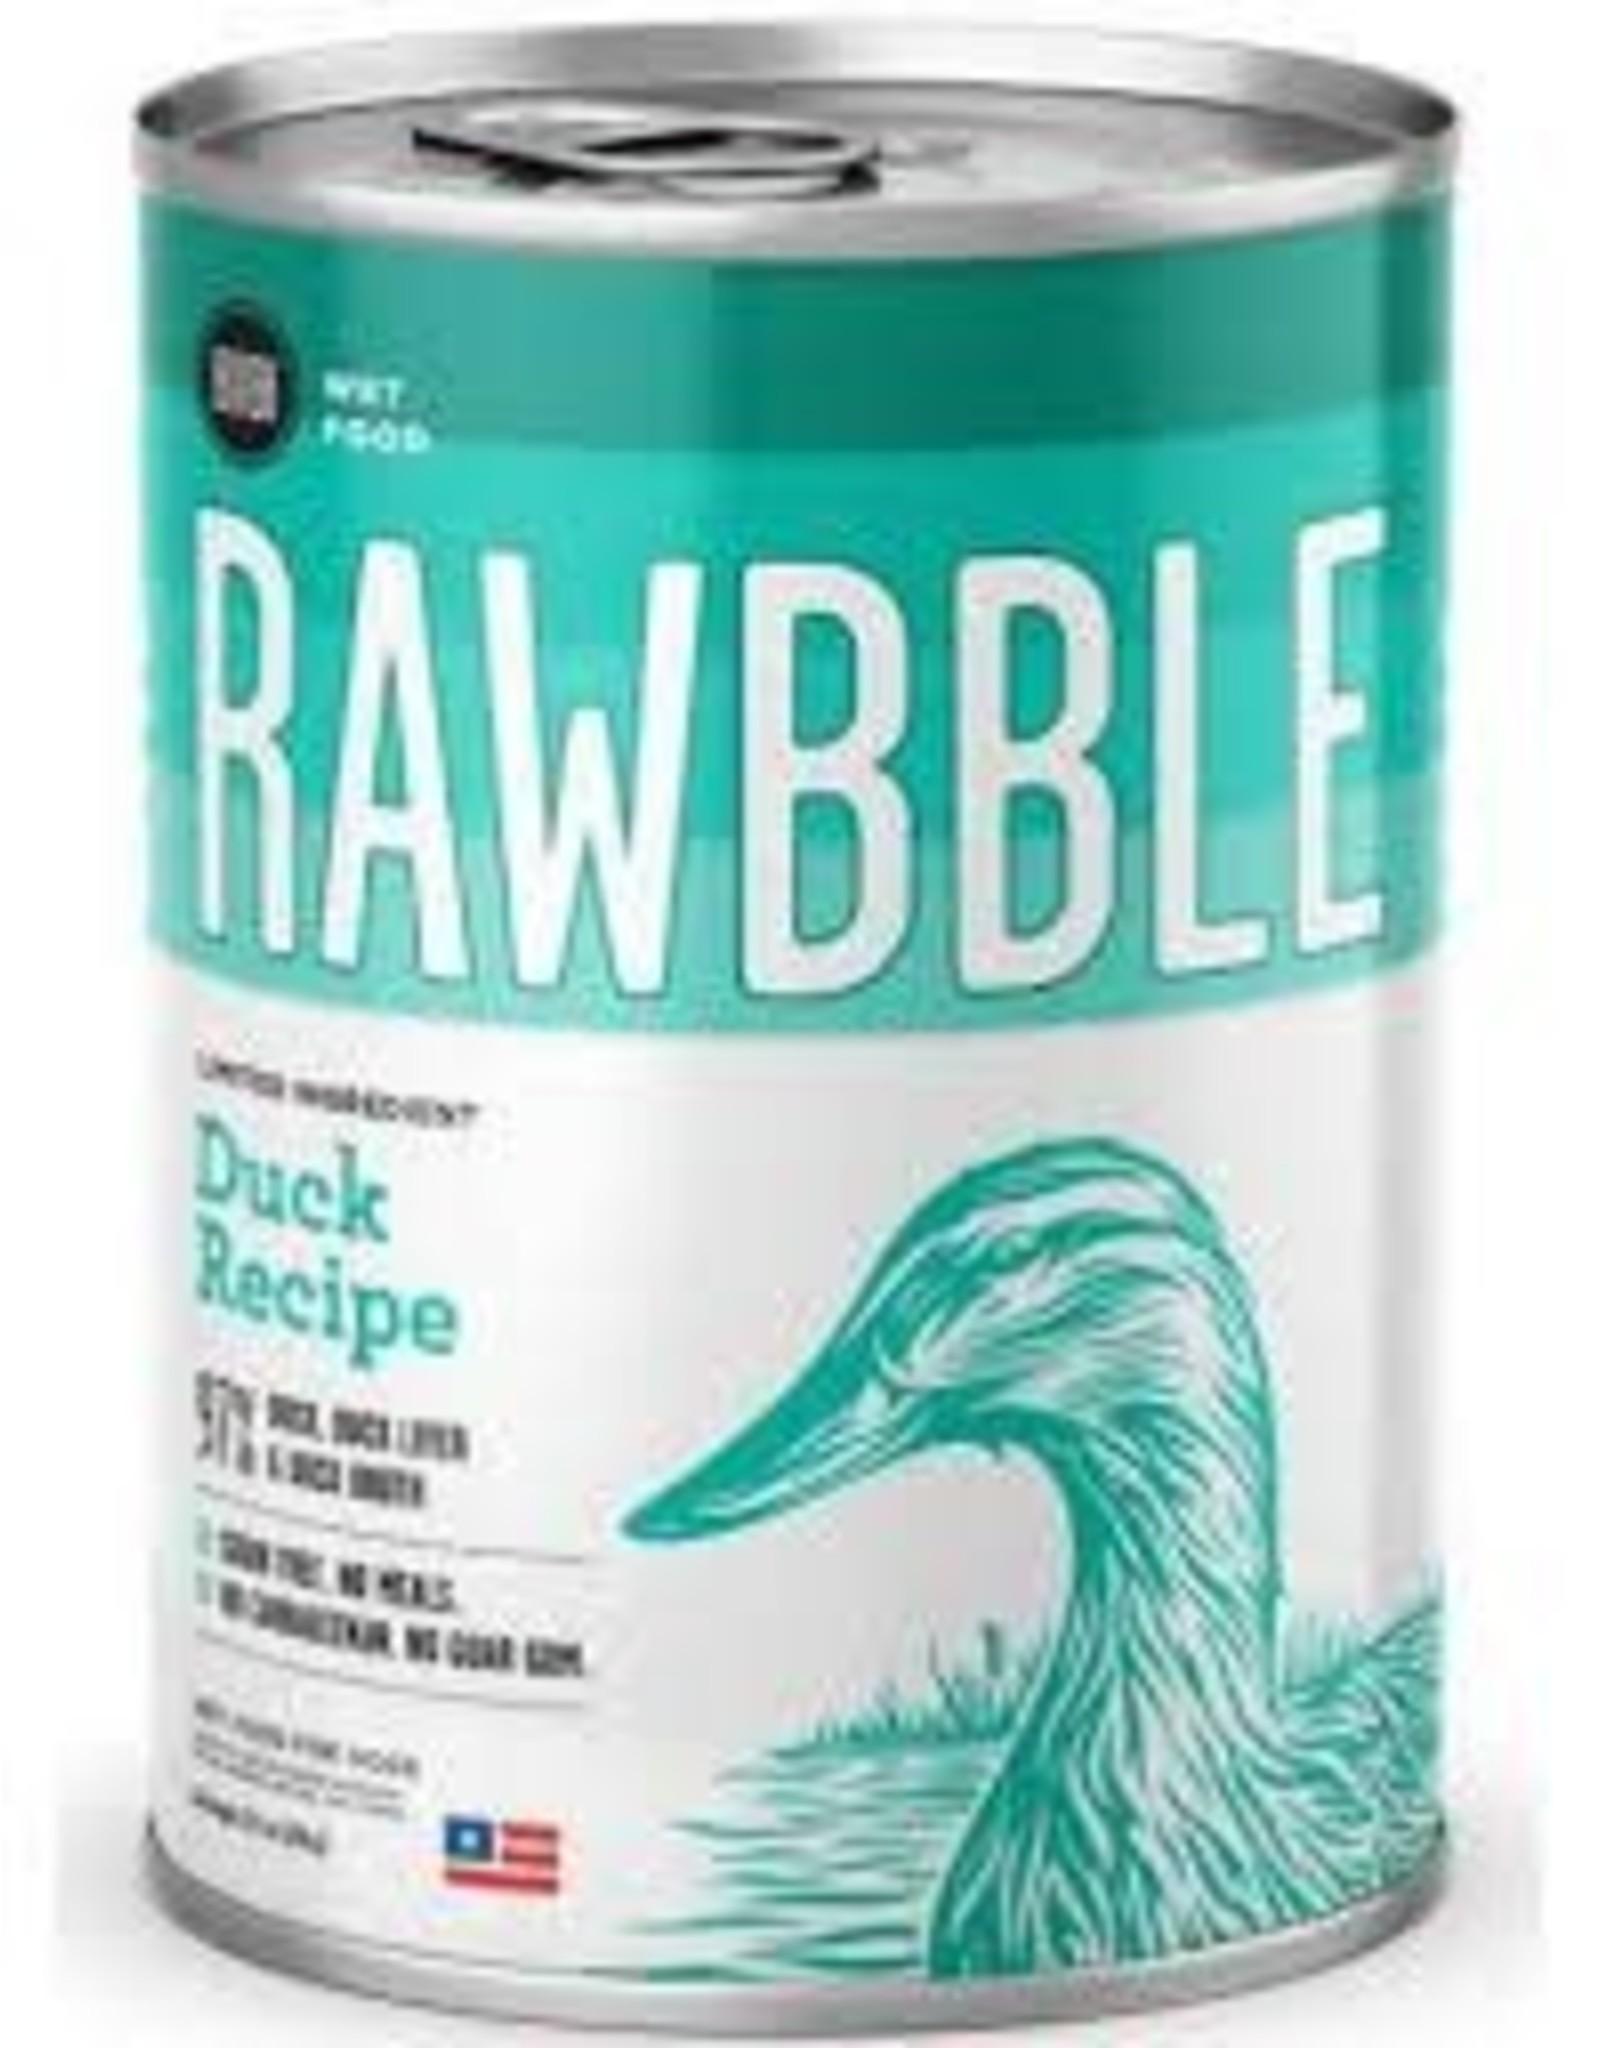 BIXBI & RAWBBLE RAWBBLE DUCK RECIPE 12.5OZ